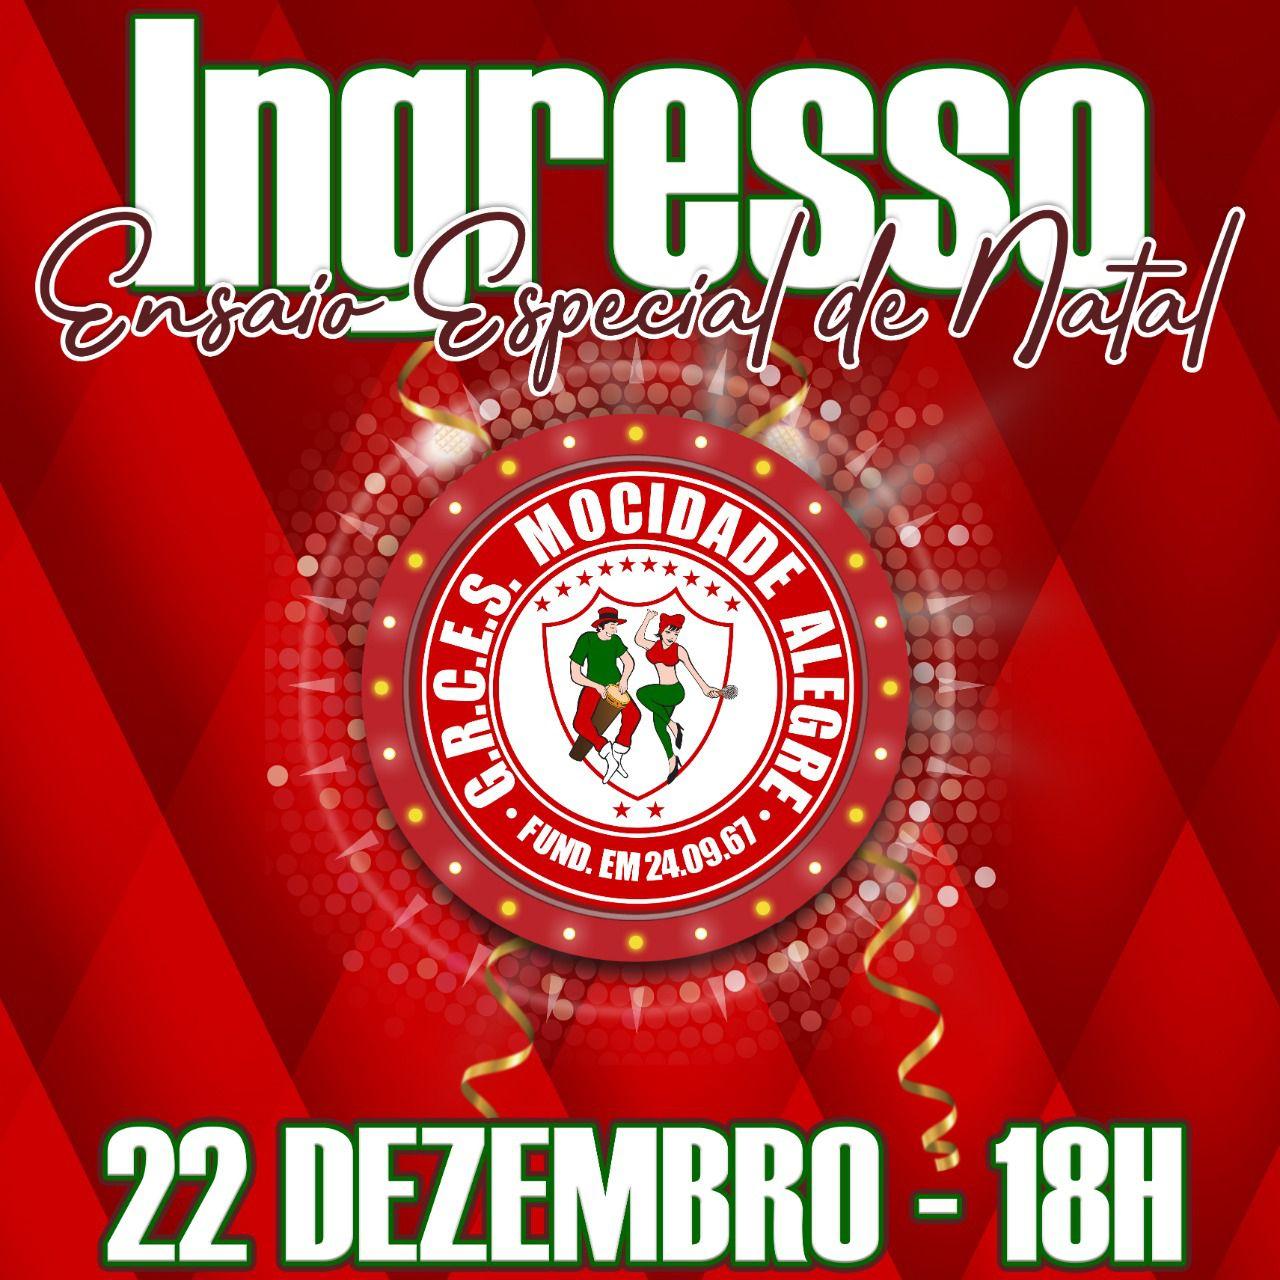 INGRESSOS 22-12-2019 - ENSAIO GERAL  - Mocidade Alegre